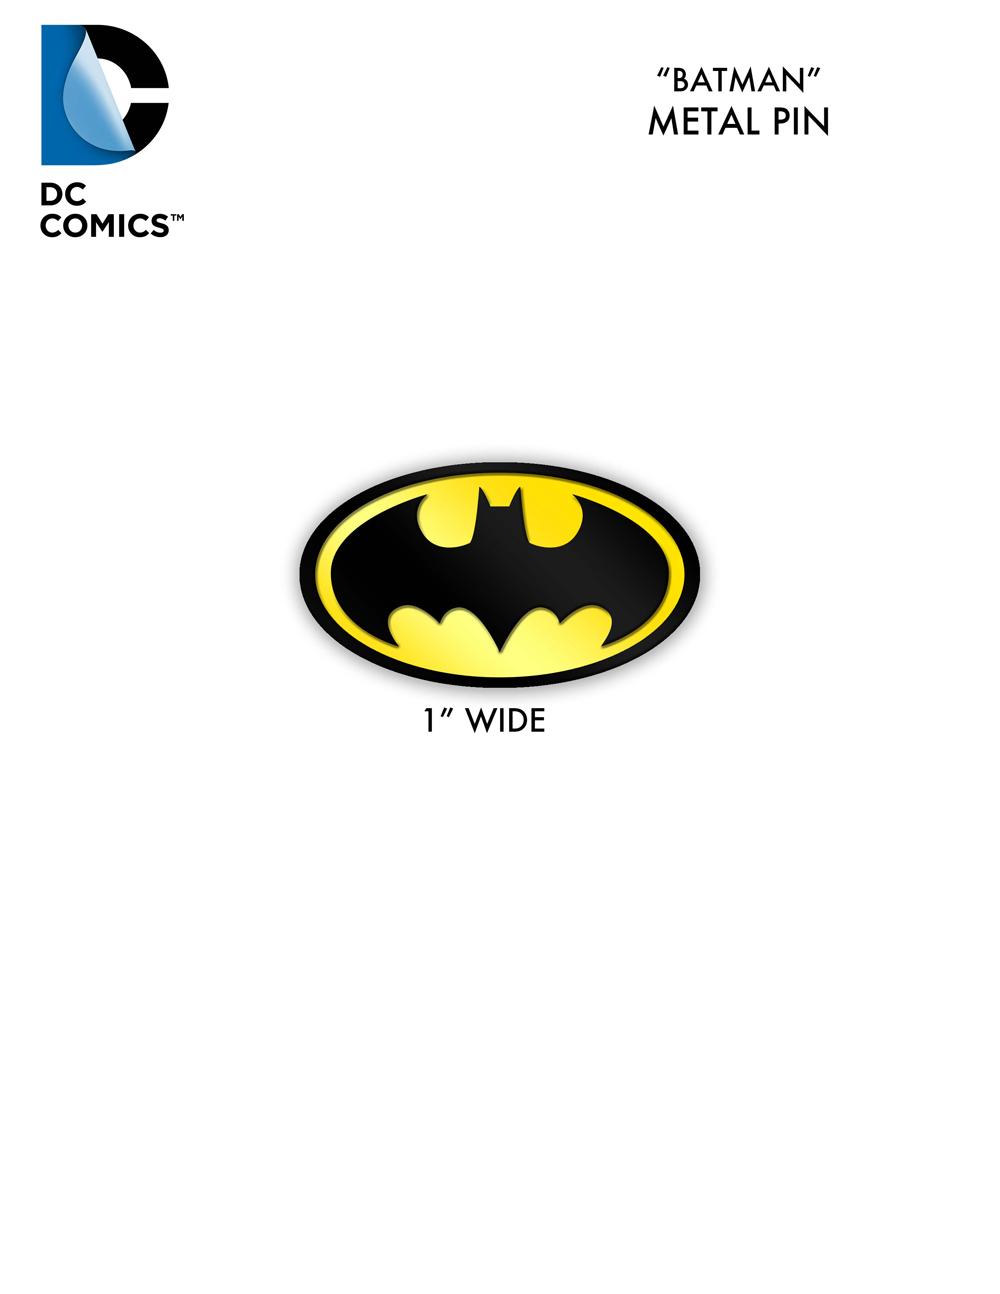 Oct170014 fcbd 2018 dc comics batman symbol metal pins 50 ct bag fcbd 2018 dc comics batman symbol metal pins 50 ct bag buycottarizona